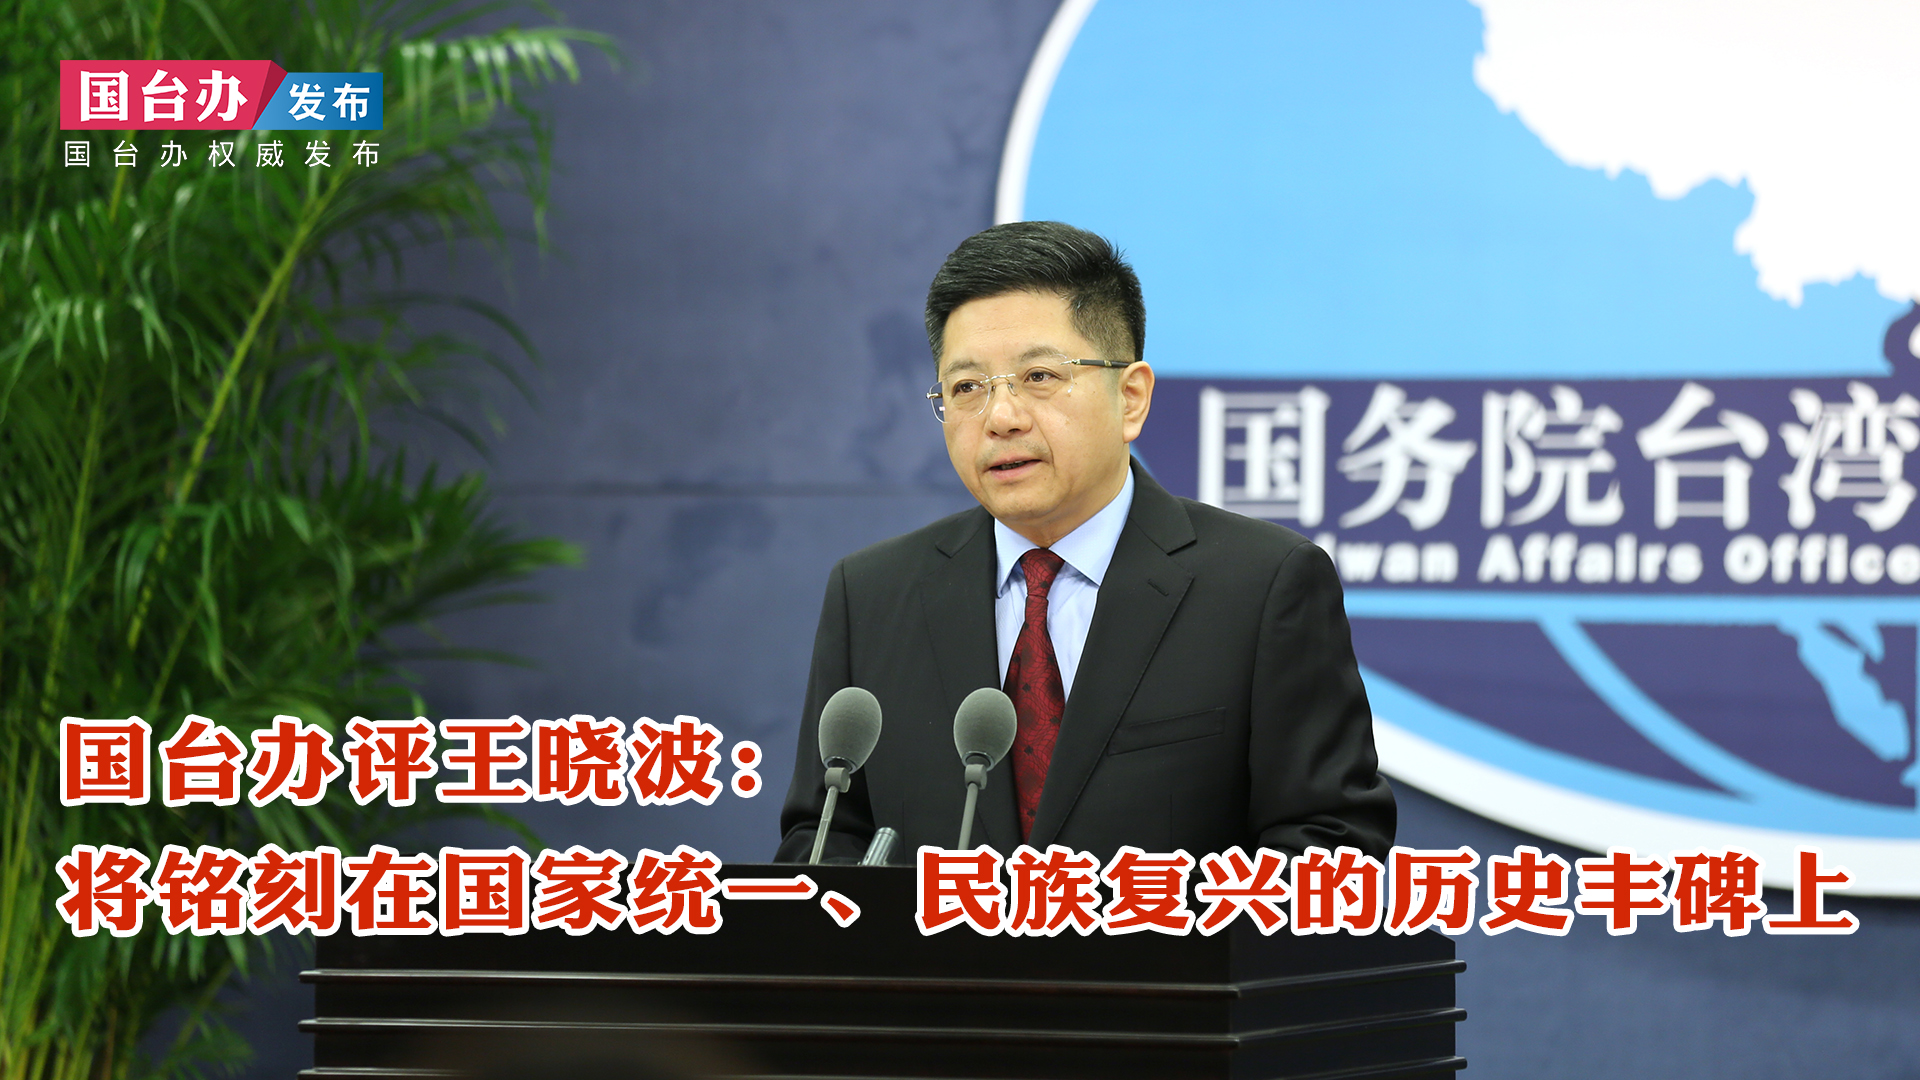 国台办评王晓波:将铭刻在国家统一、民族复兴的历史丰碑上